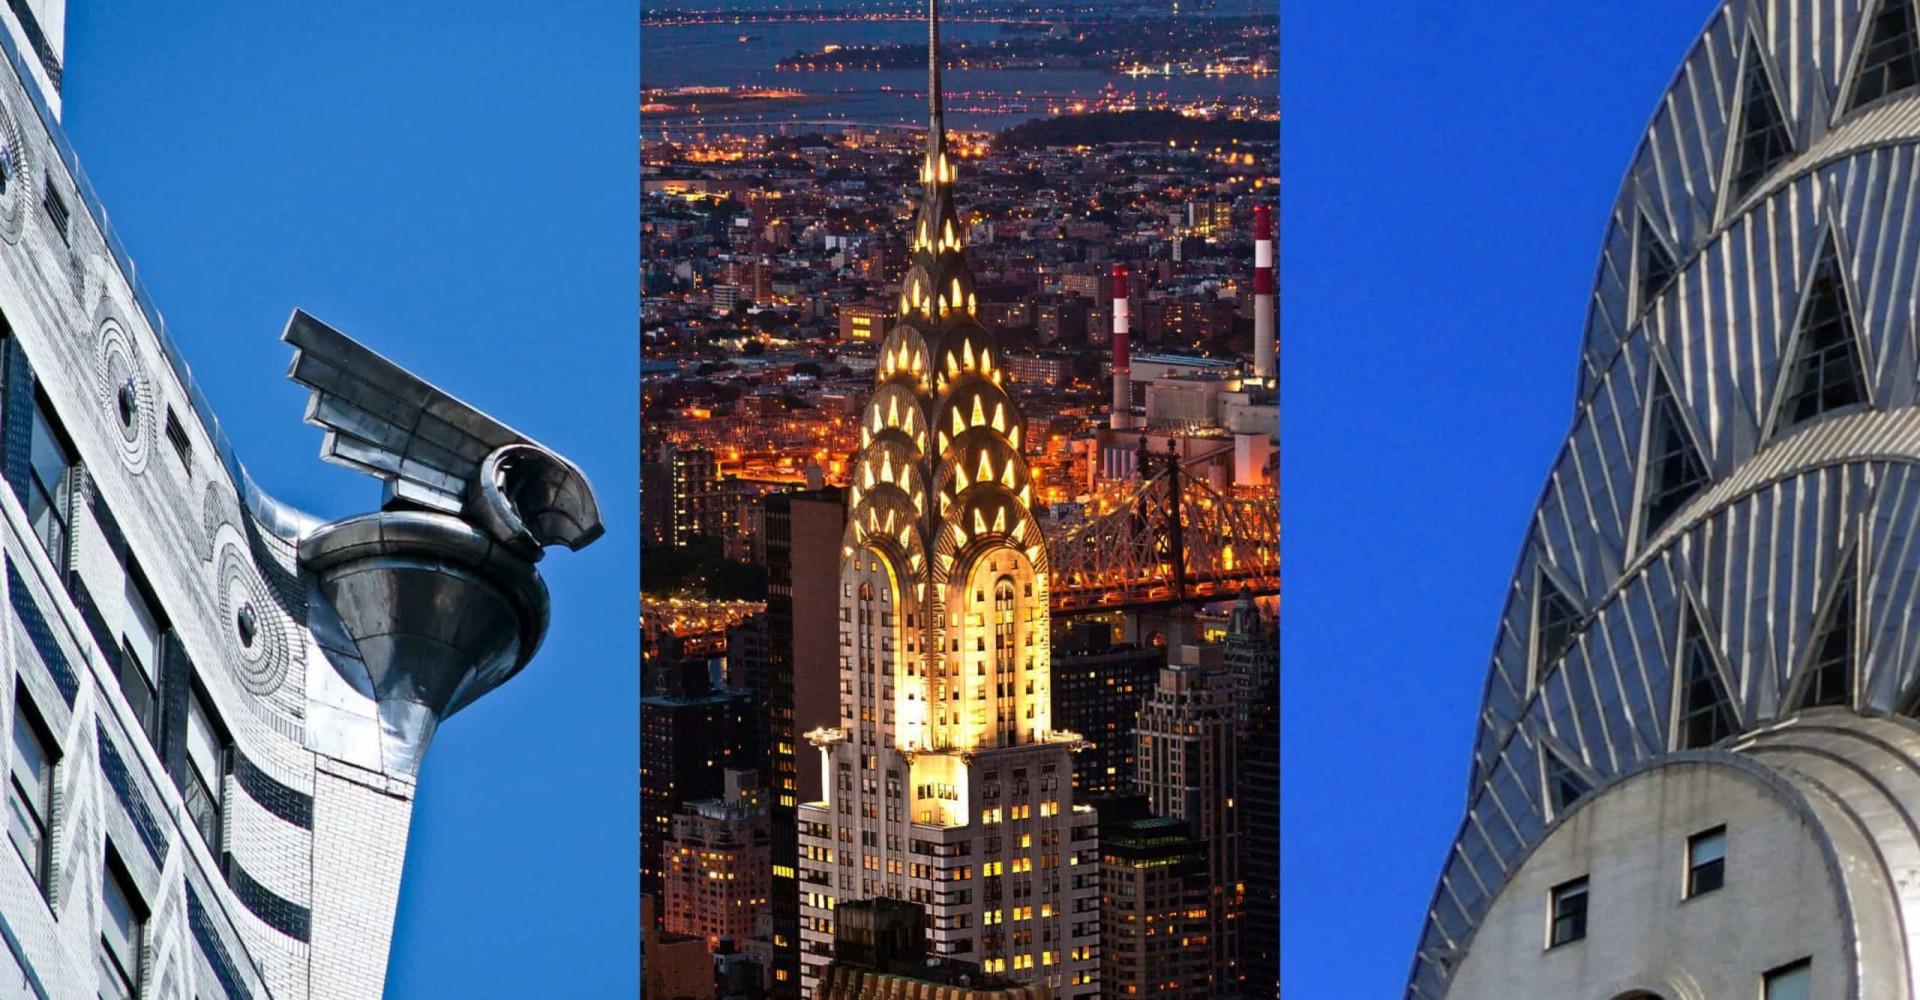 Hjulkapslet, ørner, og sol: bli kjent med Chrysler-bygningen